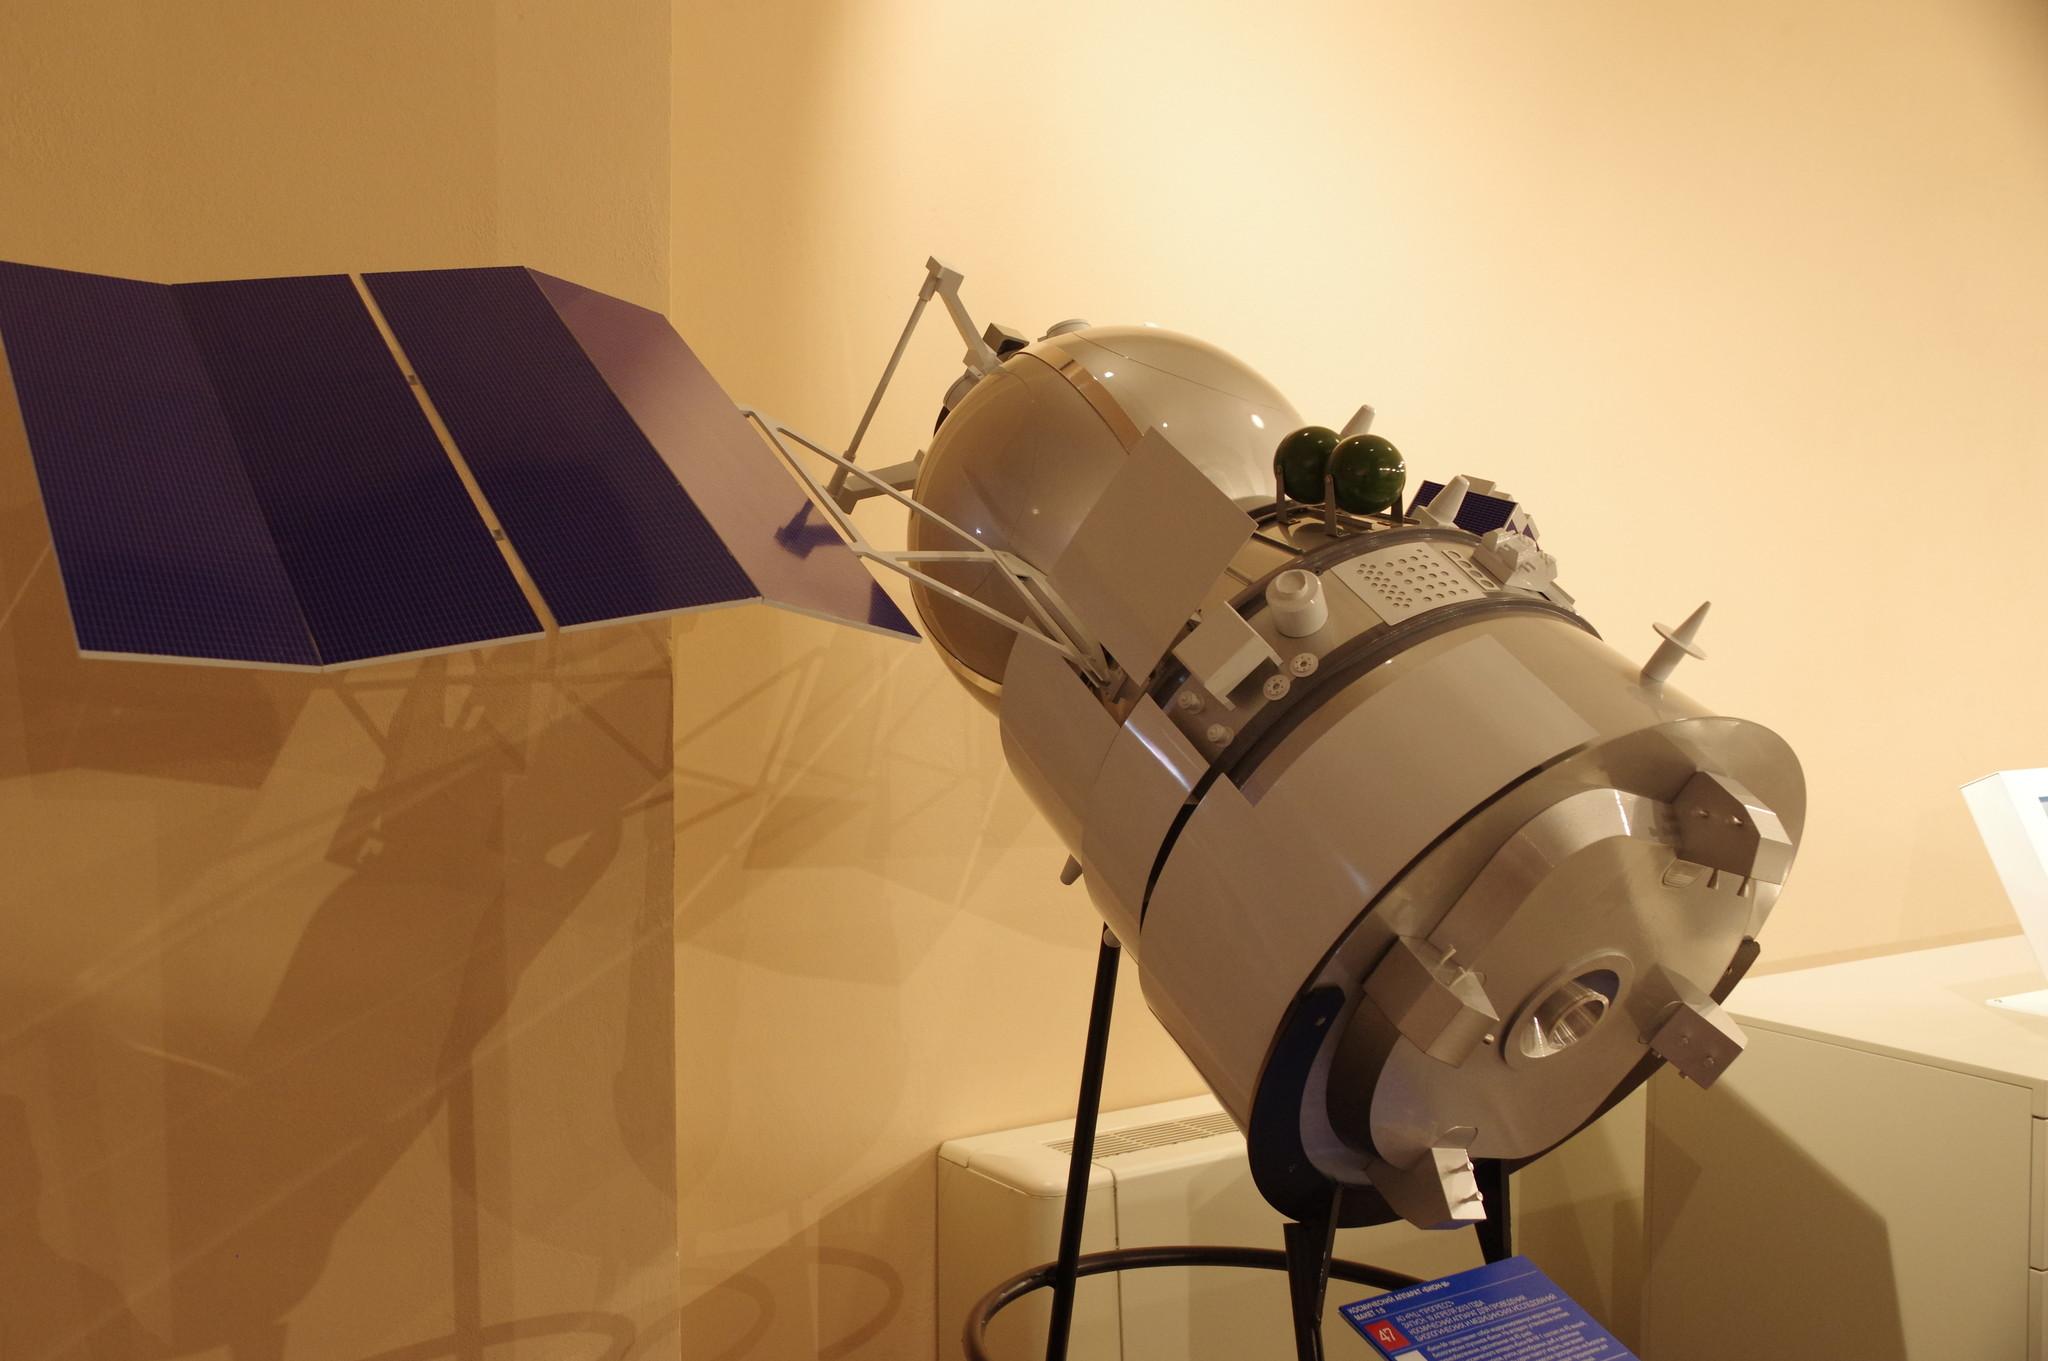 Космический аппарат «БИОН-М». Макет 1:5. Центр «Космонавтика и авиация» на ВДНХ